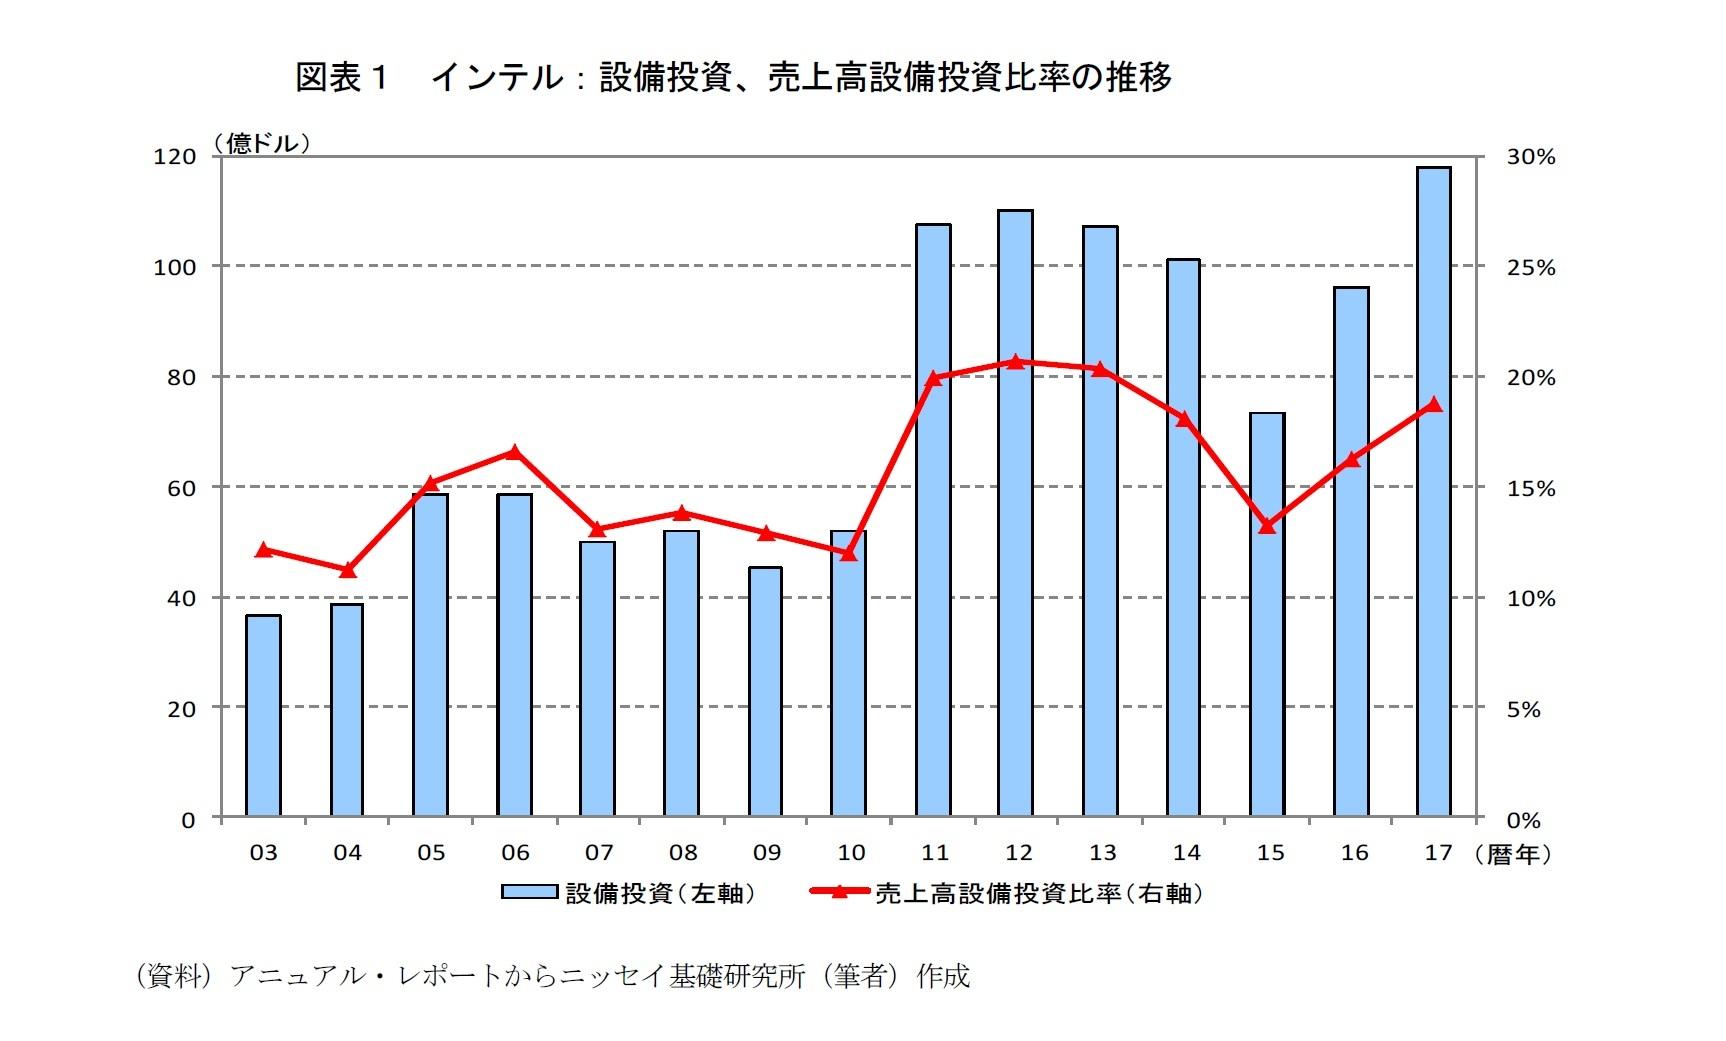 図表1 インテル:設備投資、売上高設備投資比率の推移